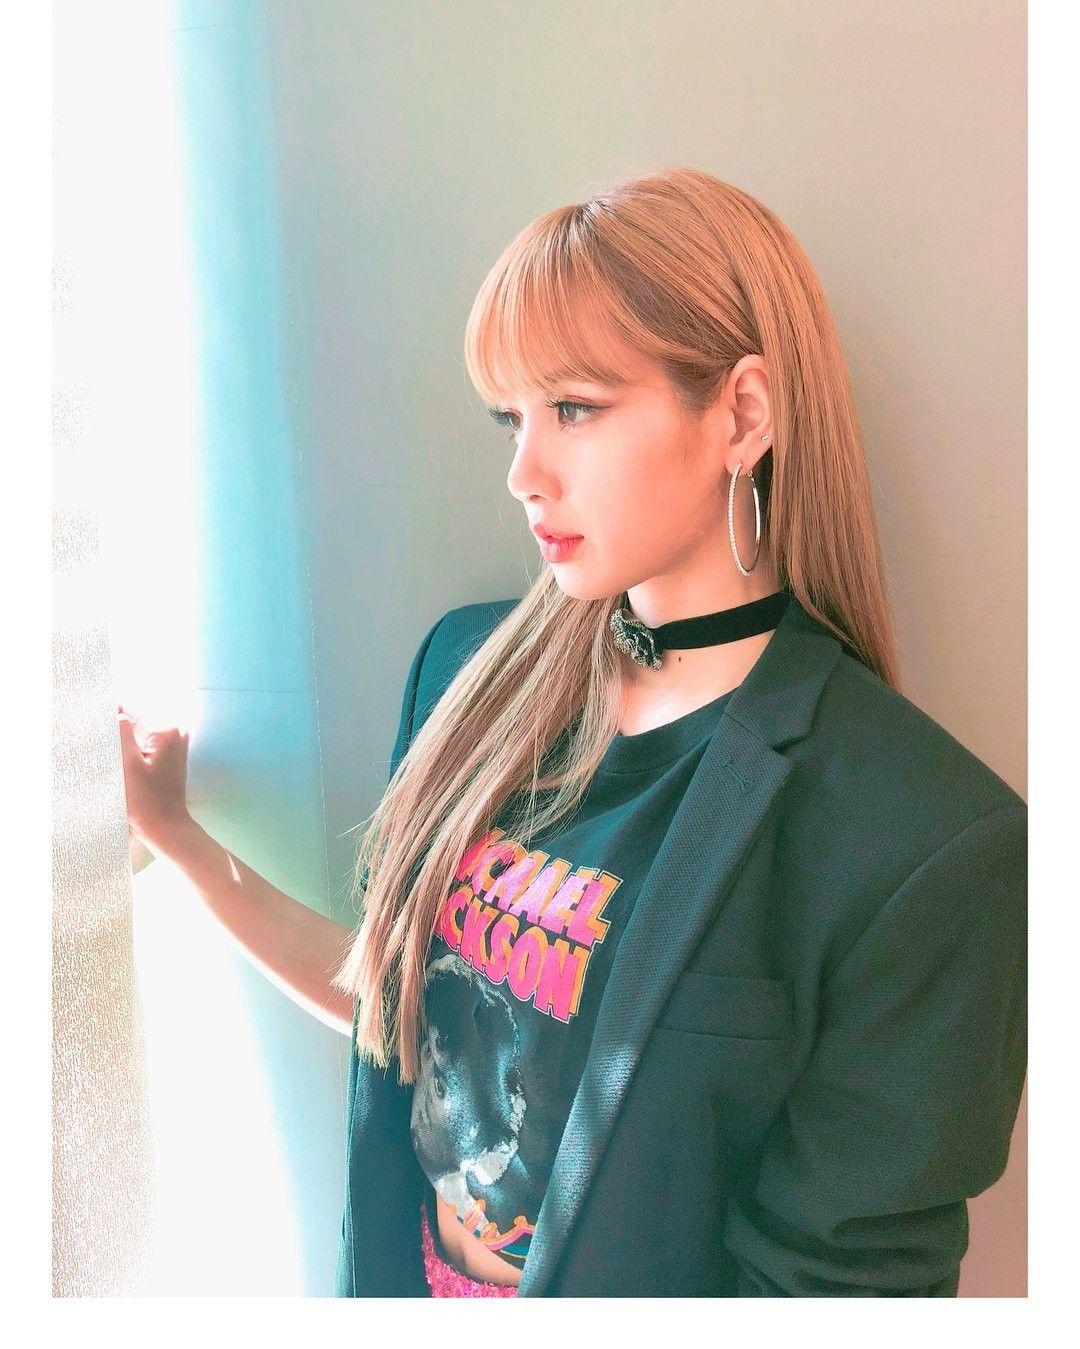 Lisa 2018 New Look Lisa Blackpink Pinterest Blackpink Lisa